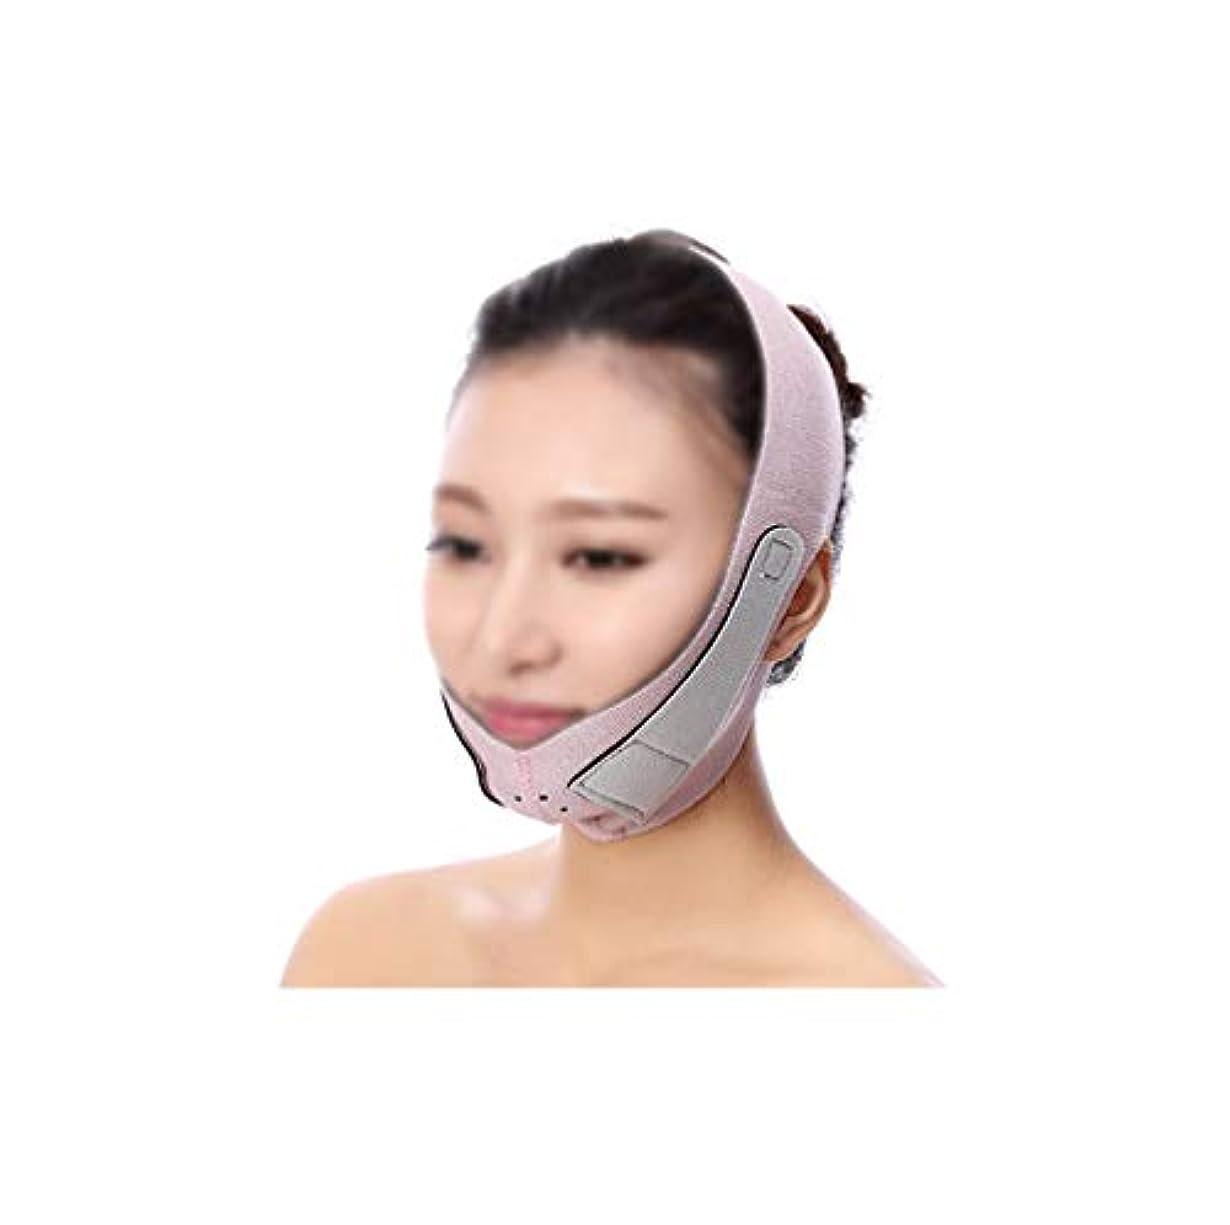 落ち着くインド観光TLMY 薄い顔マスクあごストラップ回復包帯小さなV顔薄い顔アーティファクト睡眠強力なマスクフェイスリフティング包帯フェイシャルリフティングダブルチンリフティング引き締め 顔用整形マスク